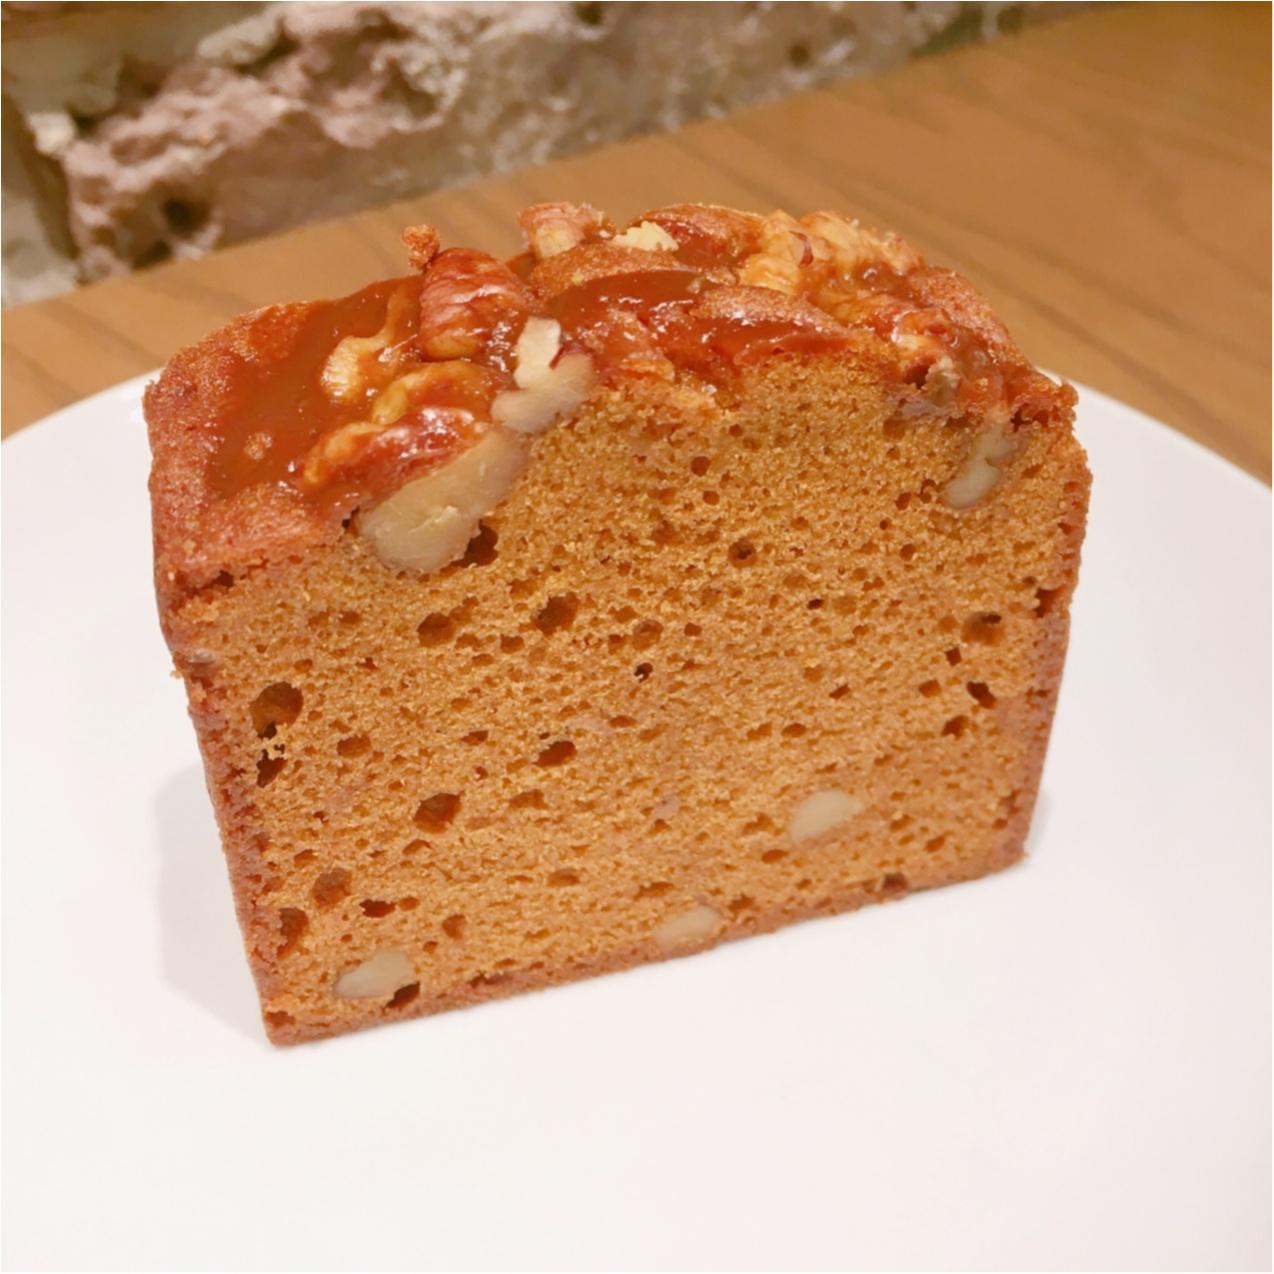 【STAR BUCKS】秋スイーツのおすすめ♡ ほろ苦甘くてクセになる、ケーキキャラメルナッツ♡_2